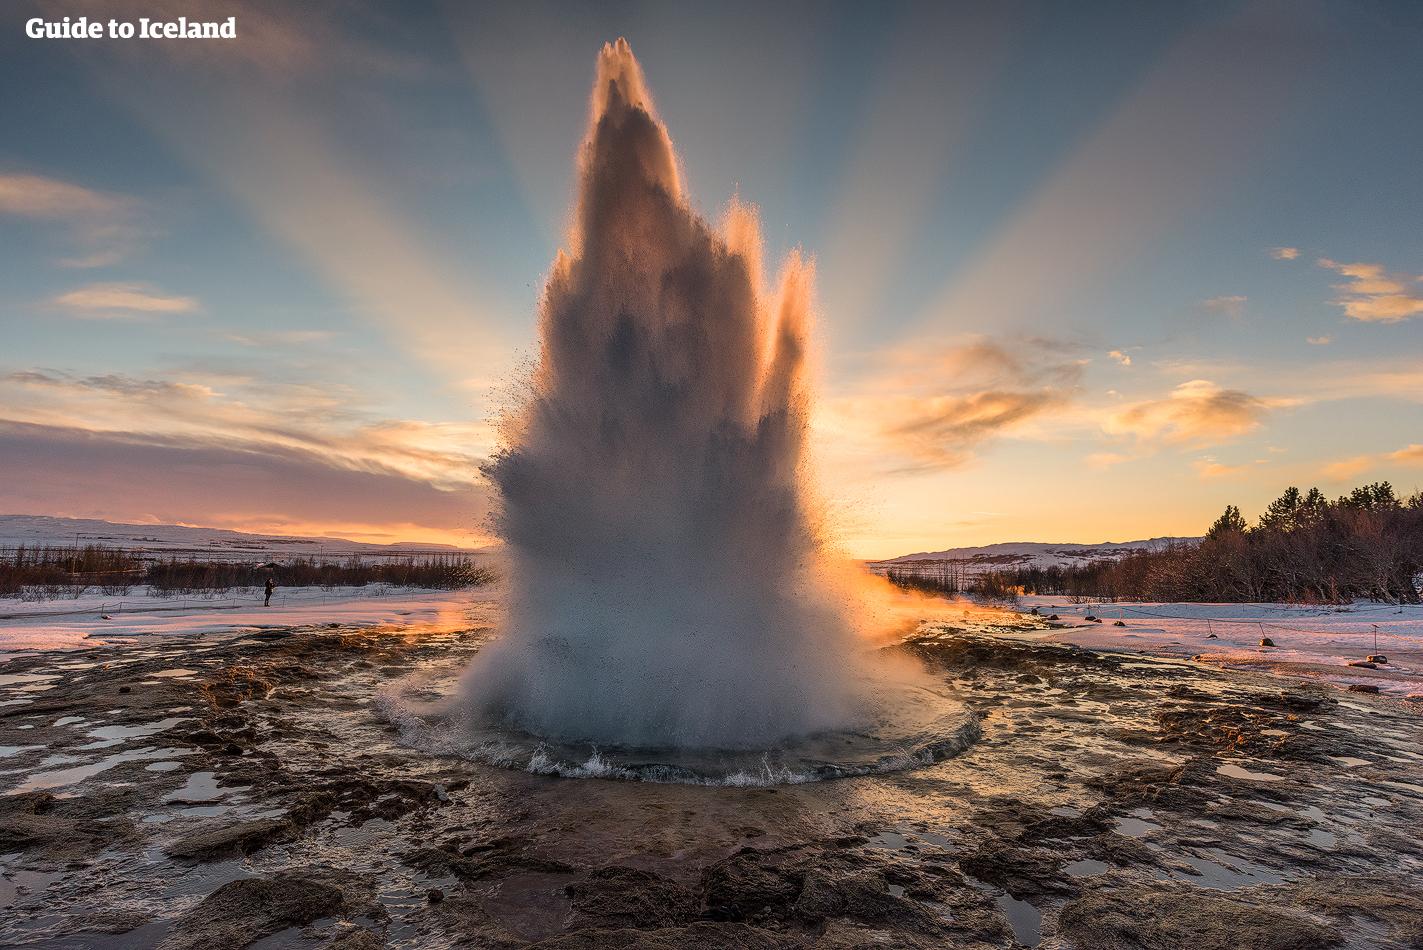 ไกเซอร์สโทรคูร์ในทุ่งน้ำพุร้อนไกเซอร์บริเวณที่เกิดการปะทุช่วงกลางวันในช่วงฤดูหนาว